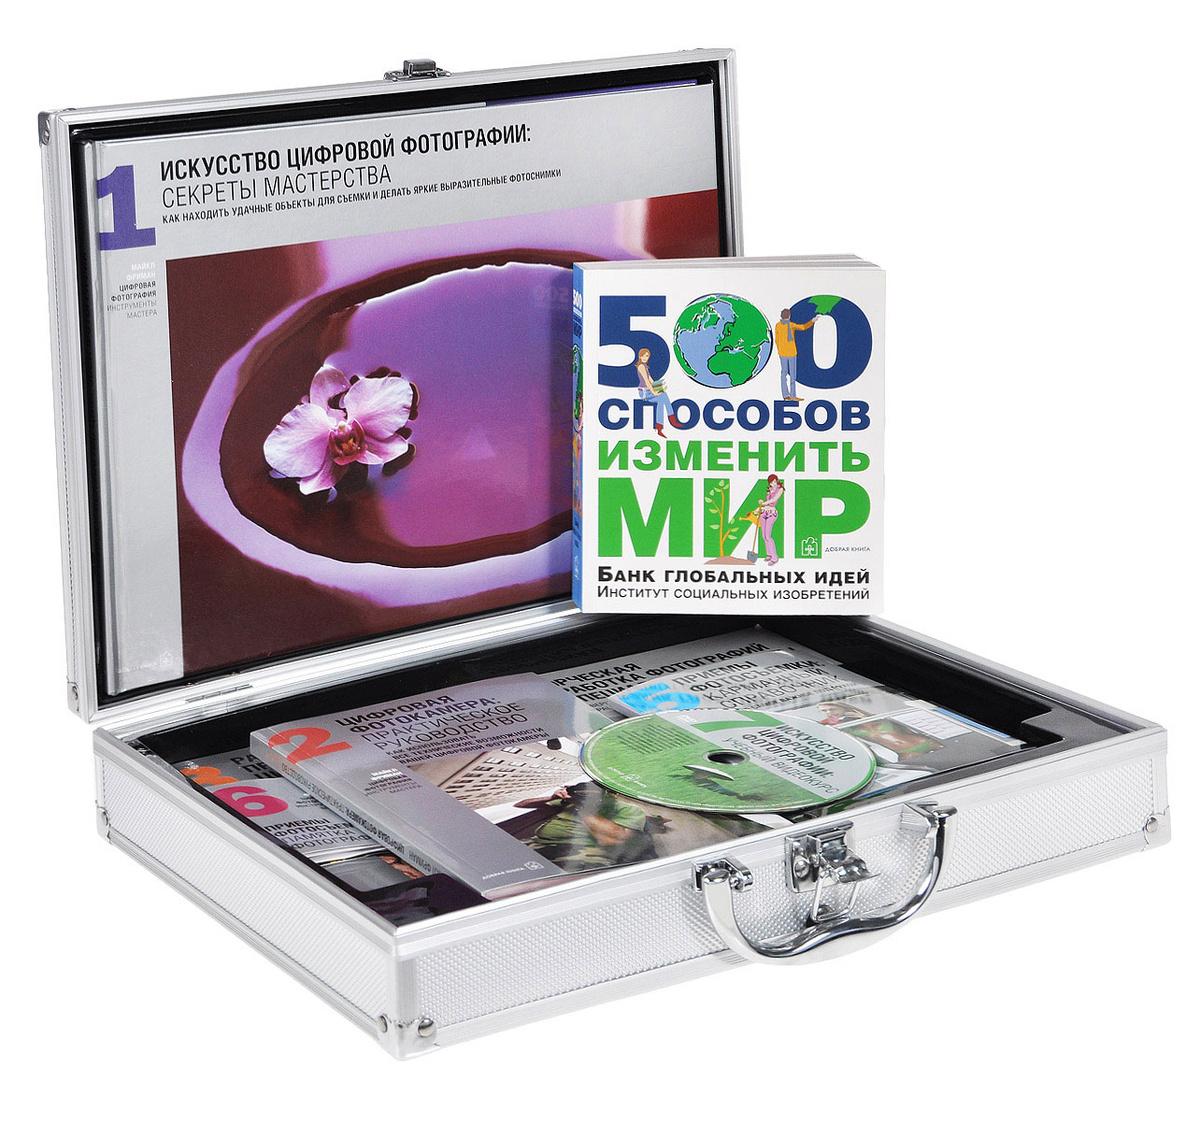 Цифровая фотография. Инструменты мастера (комплект в чемоданчике: 6 книг, DVD-ROM с мастер-классом Майкла #1